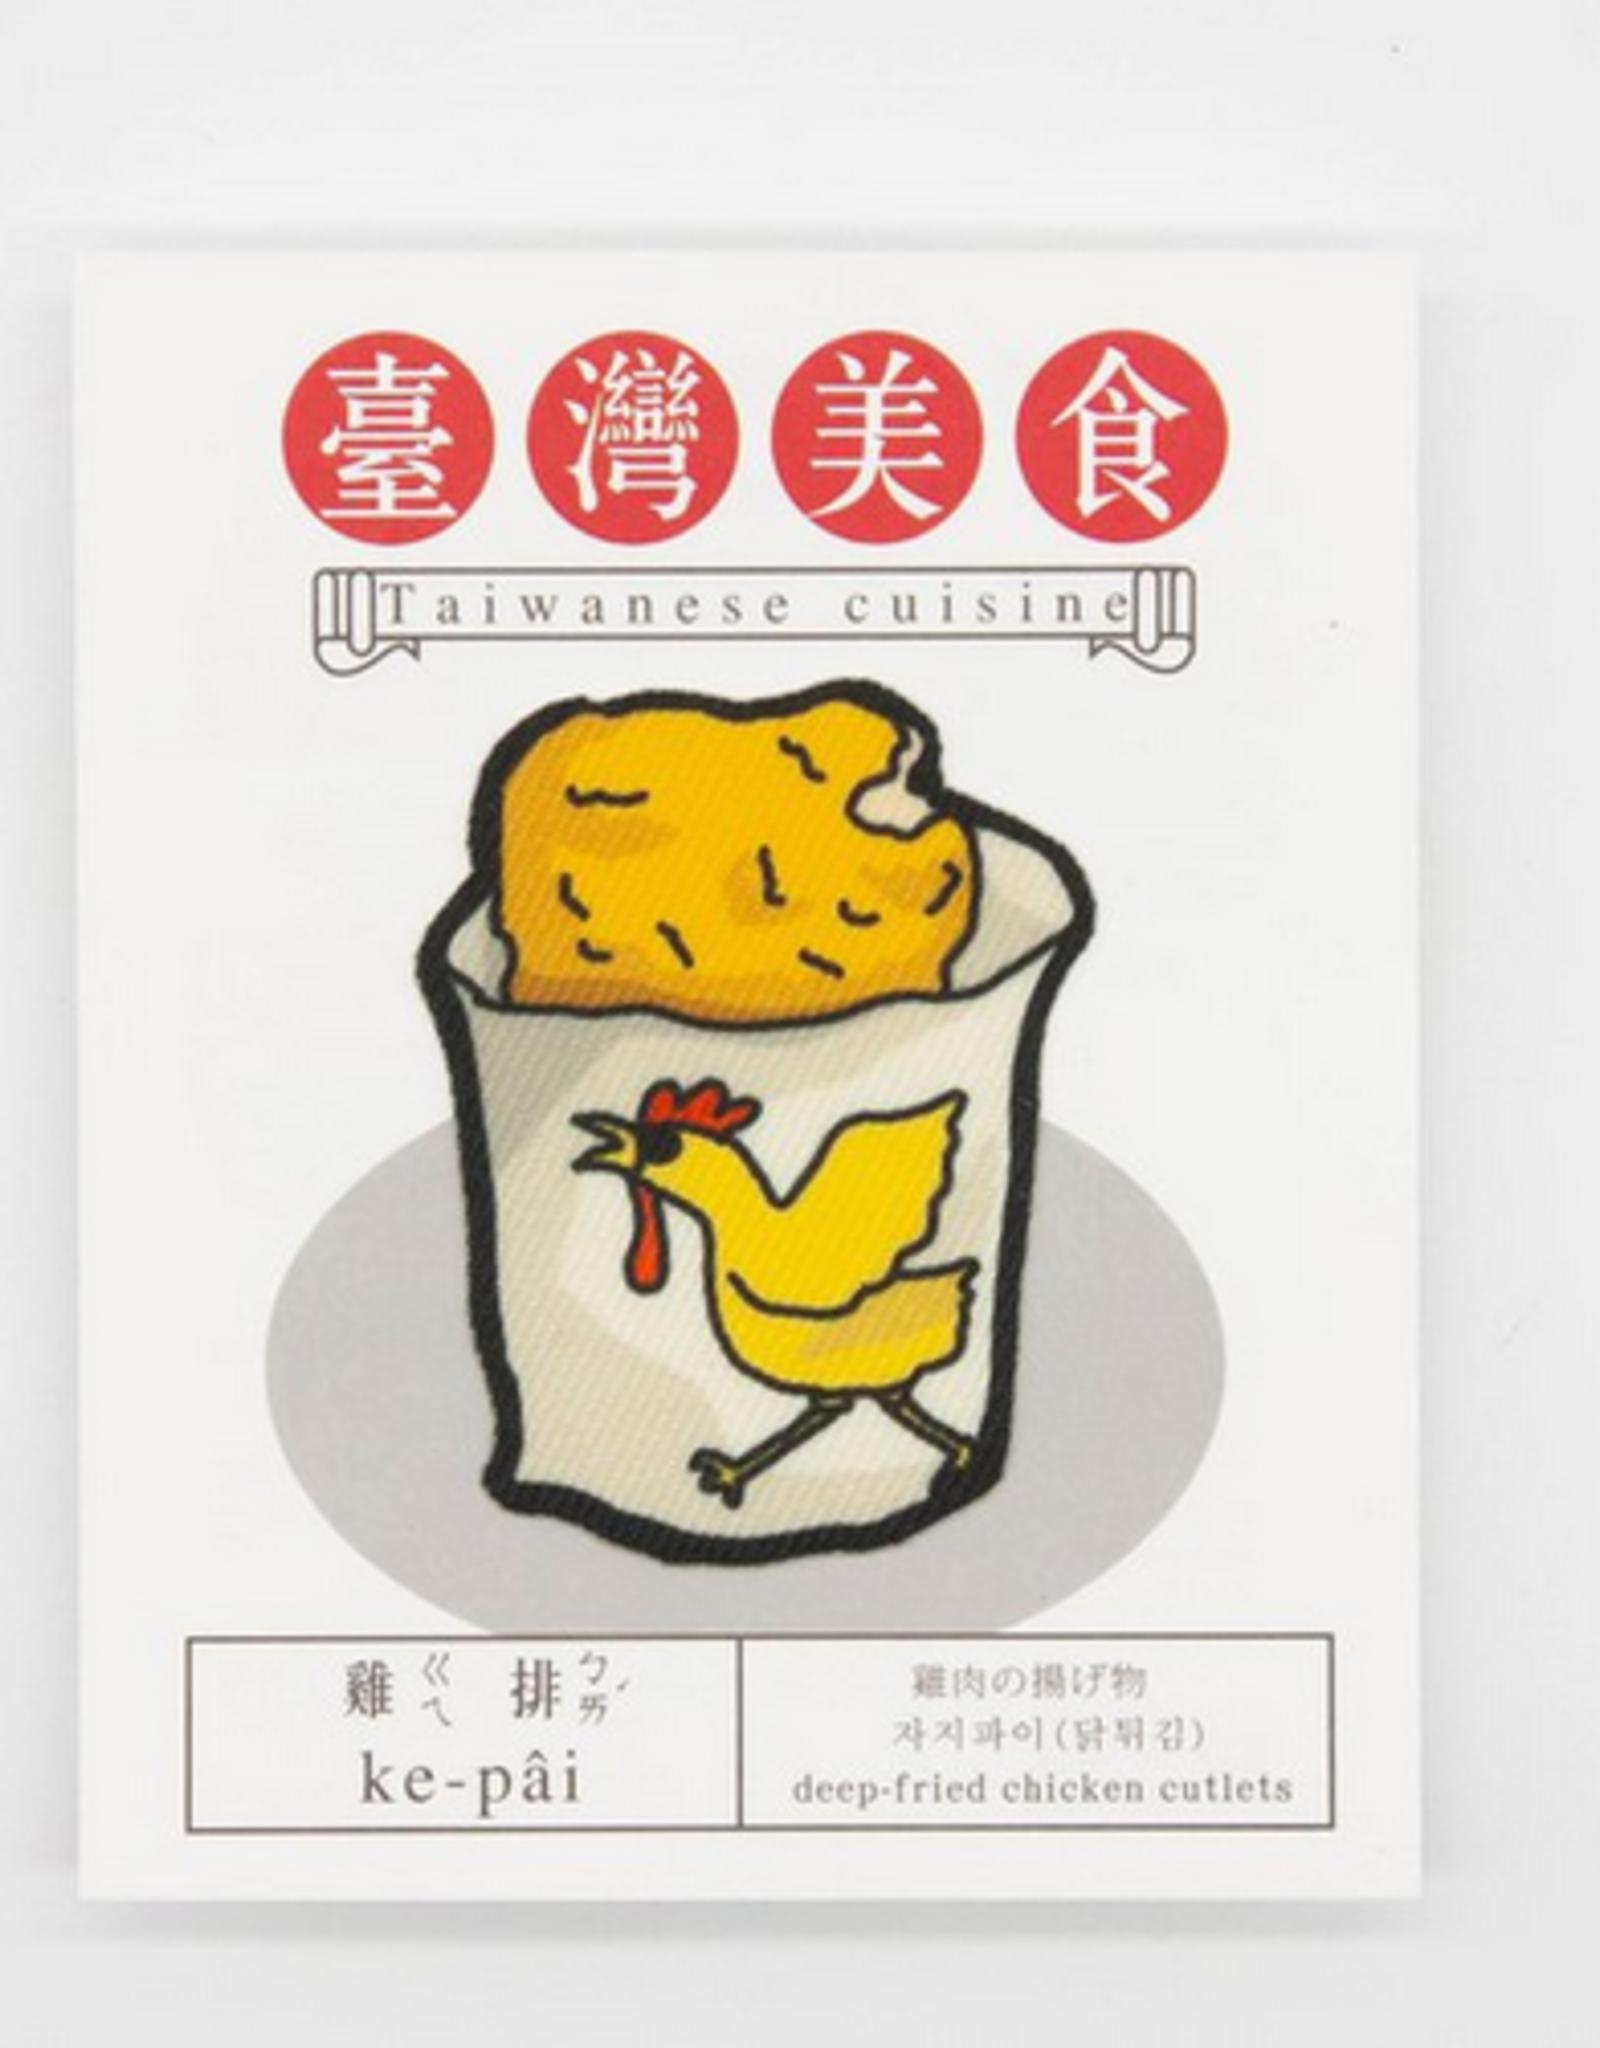 Taiwanese Cuisine - Deep Fried Chicken Sticker Patch